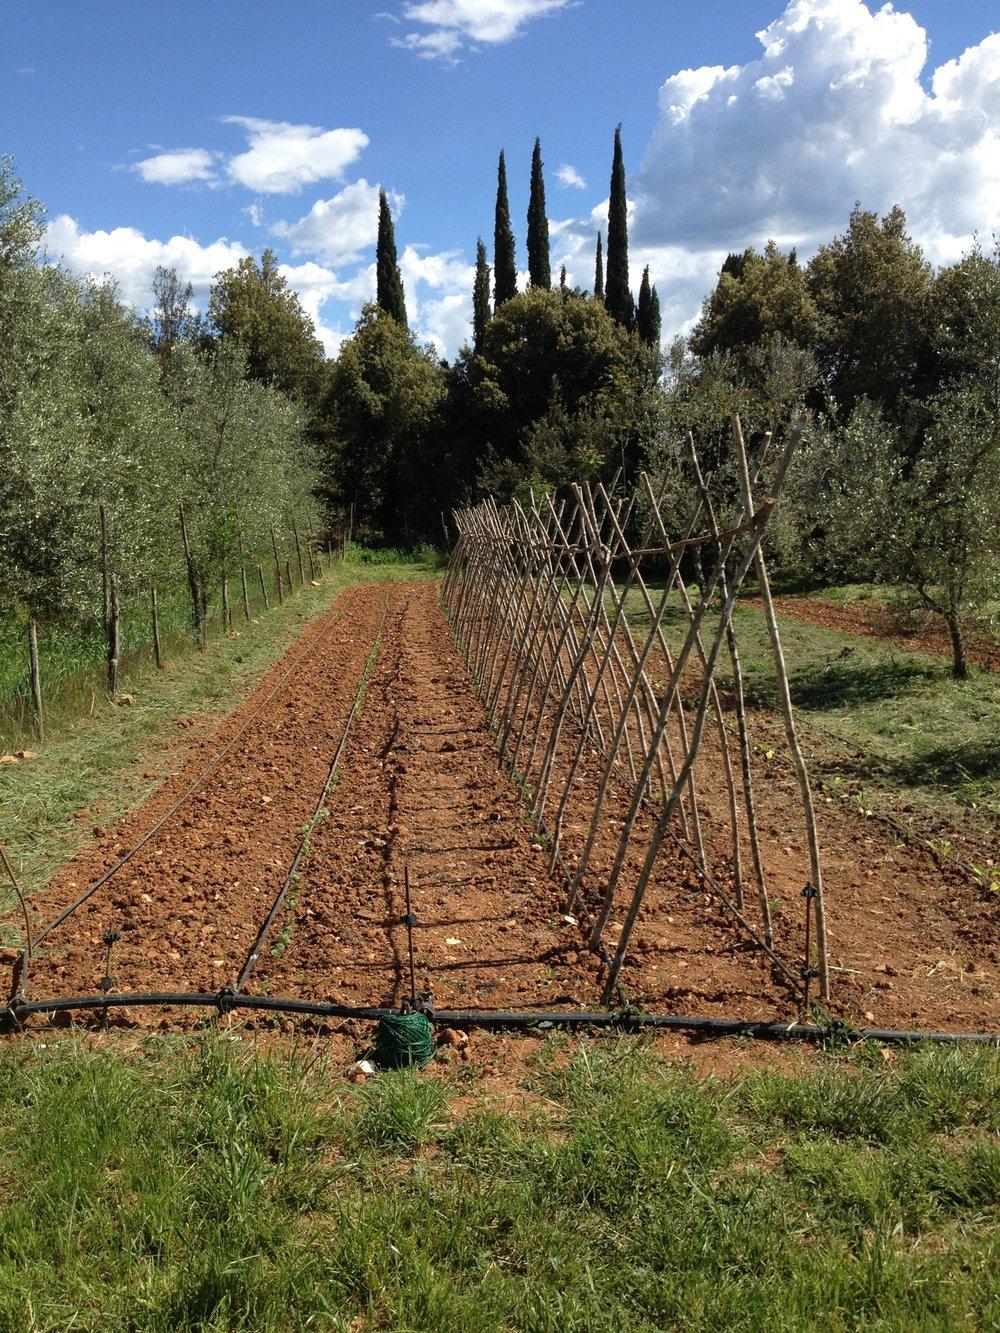 Bean and asparagus plots at Spannocchia